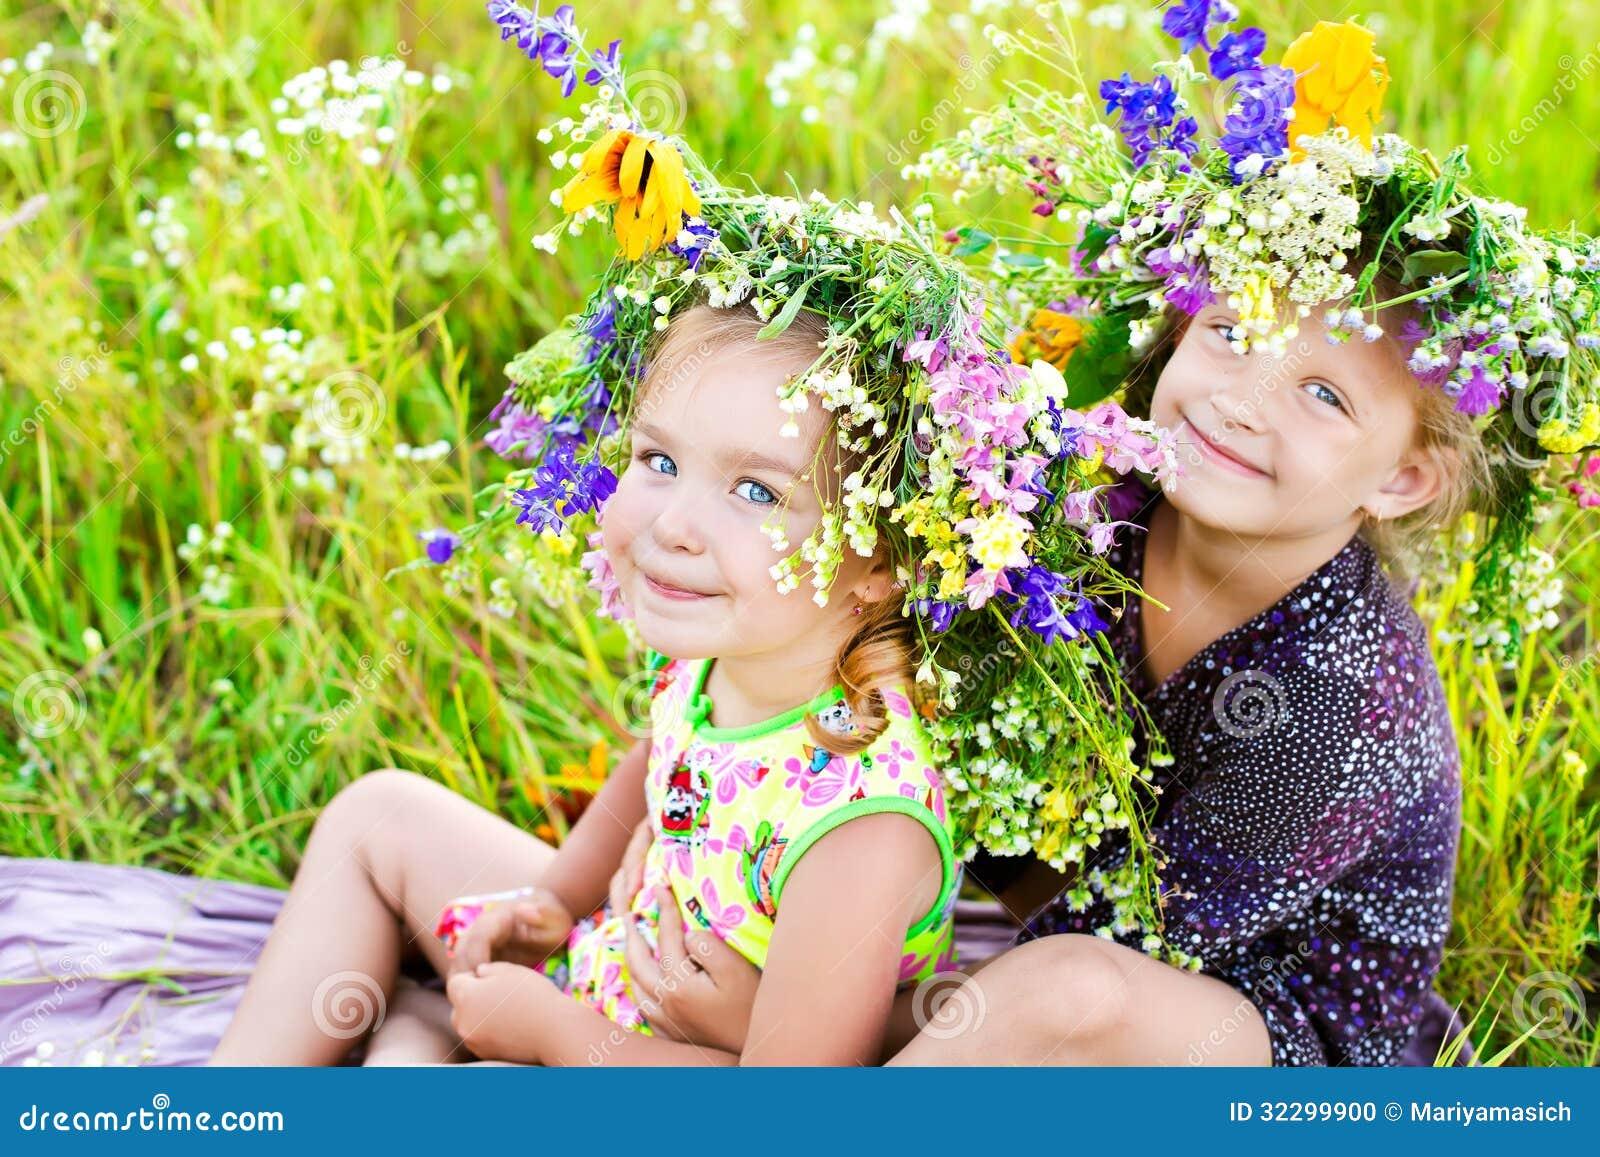 лето природа картинка для детей